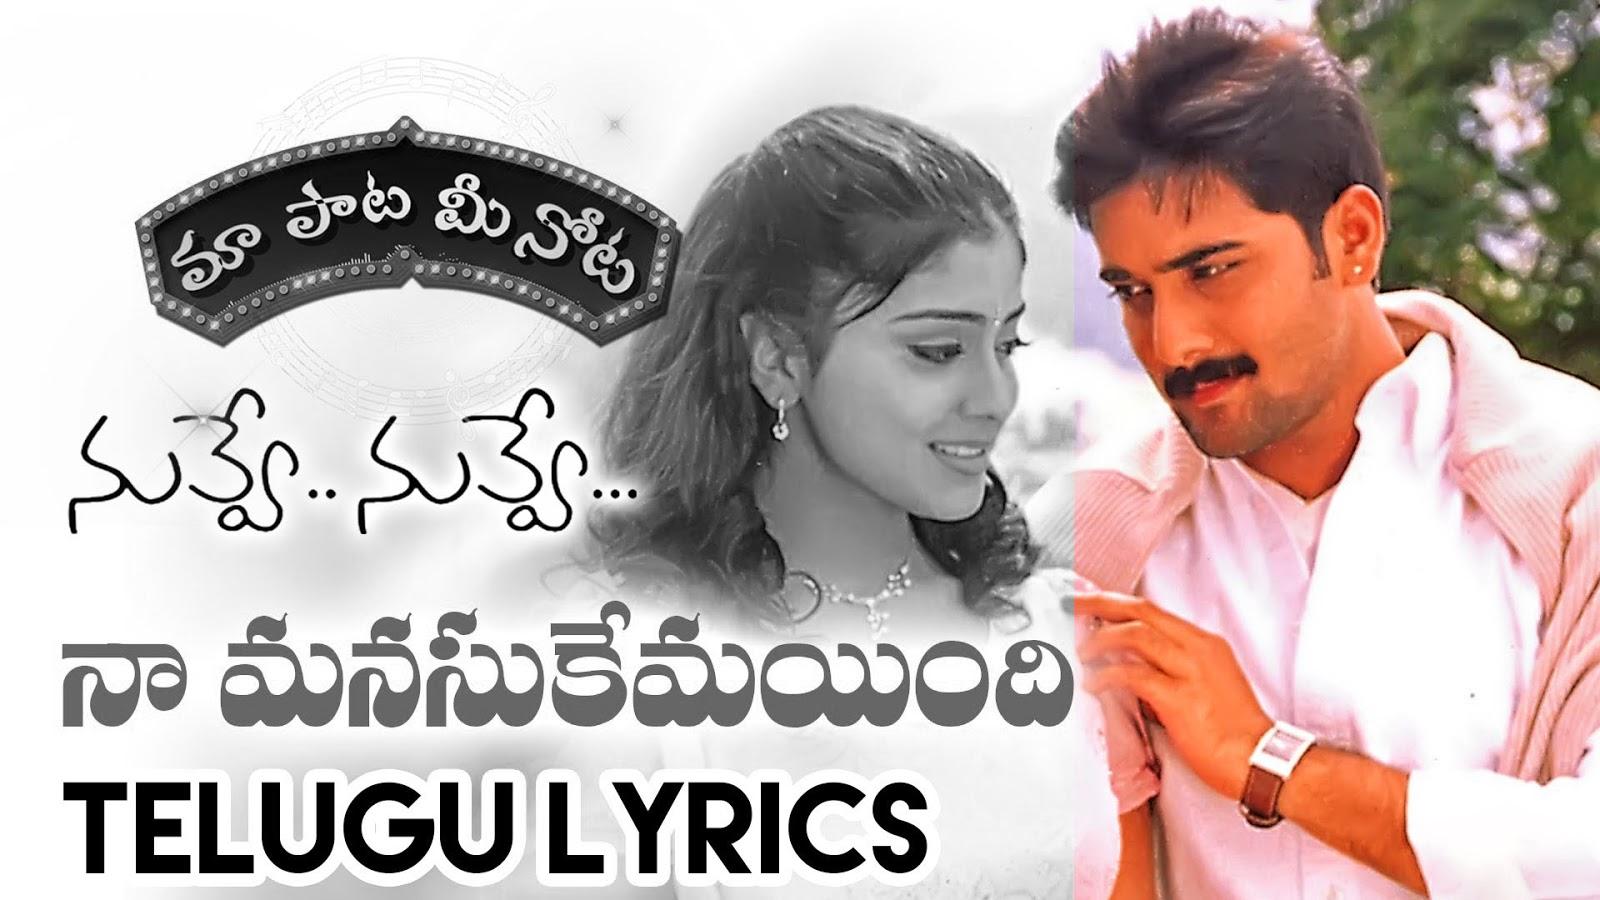 Naa Manasukemaindi Song Lyrics from Nuvve Nuvve telugu movie